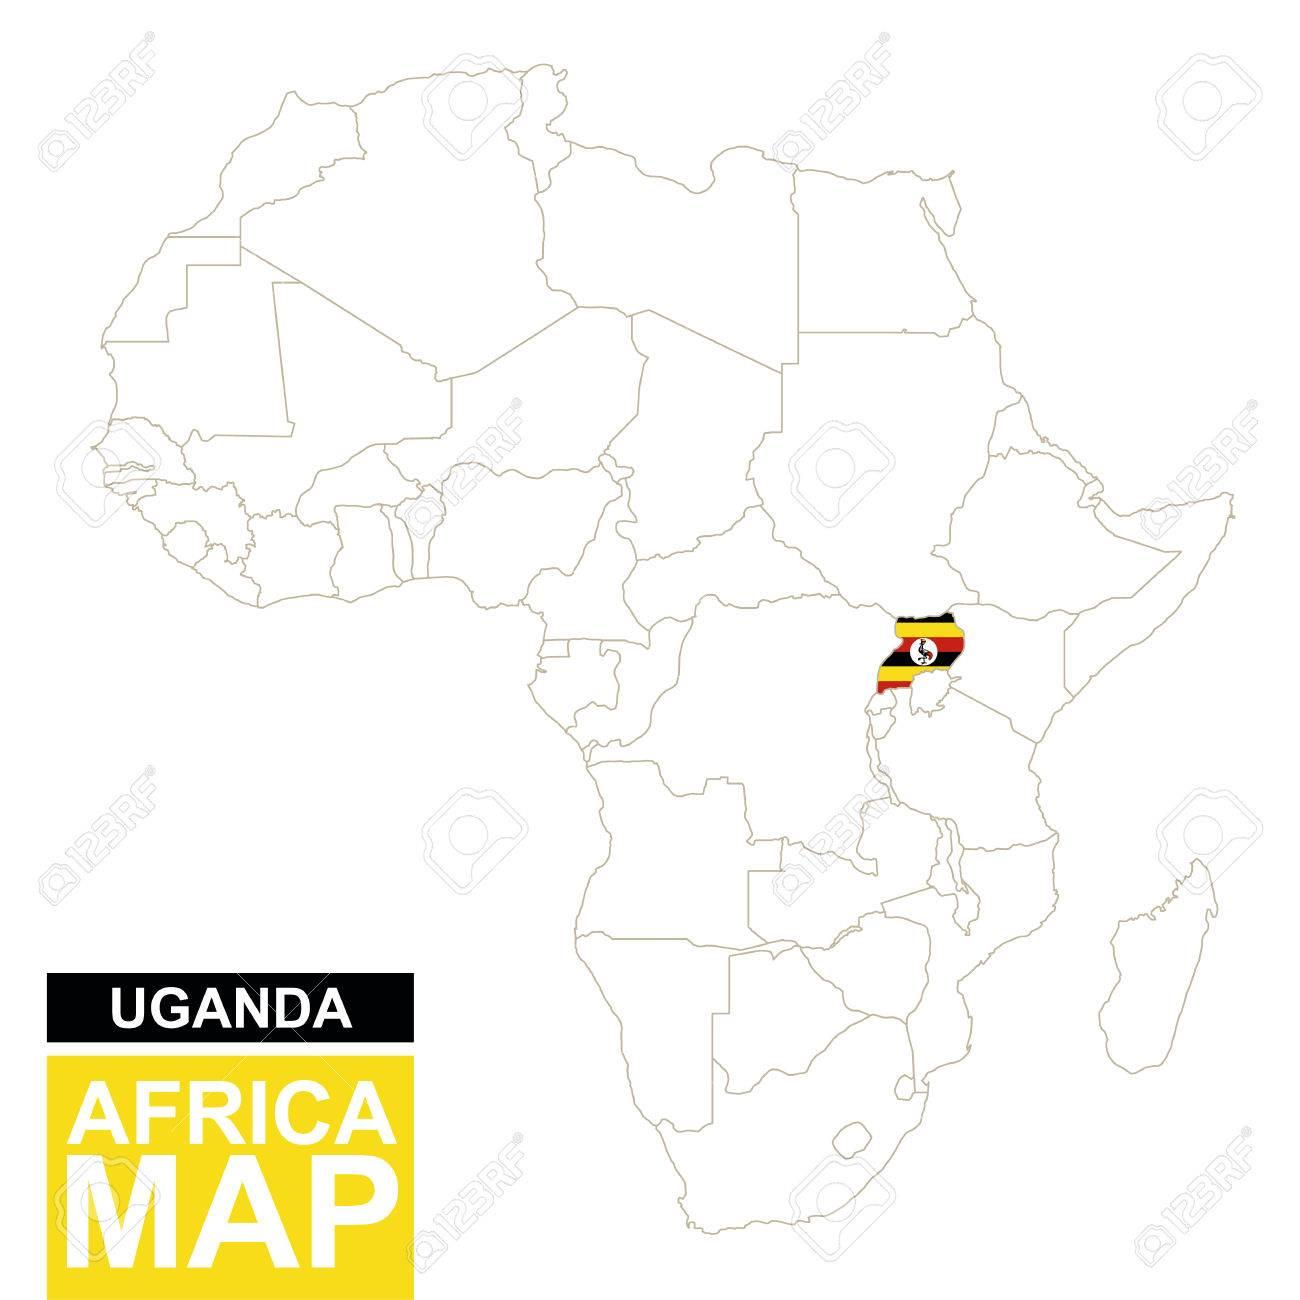 Carte Afrique Ouganda.Carte Profilee Afrique A Souligne L Ouganda Carte Ouganda Et Le Drapeau Sur La Carte Afrique Vector Illustration